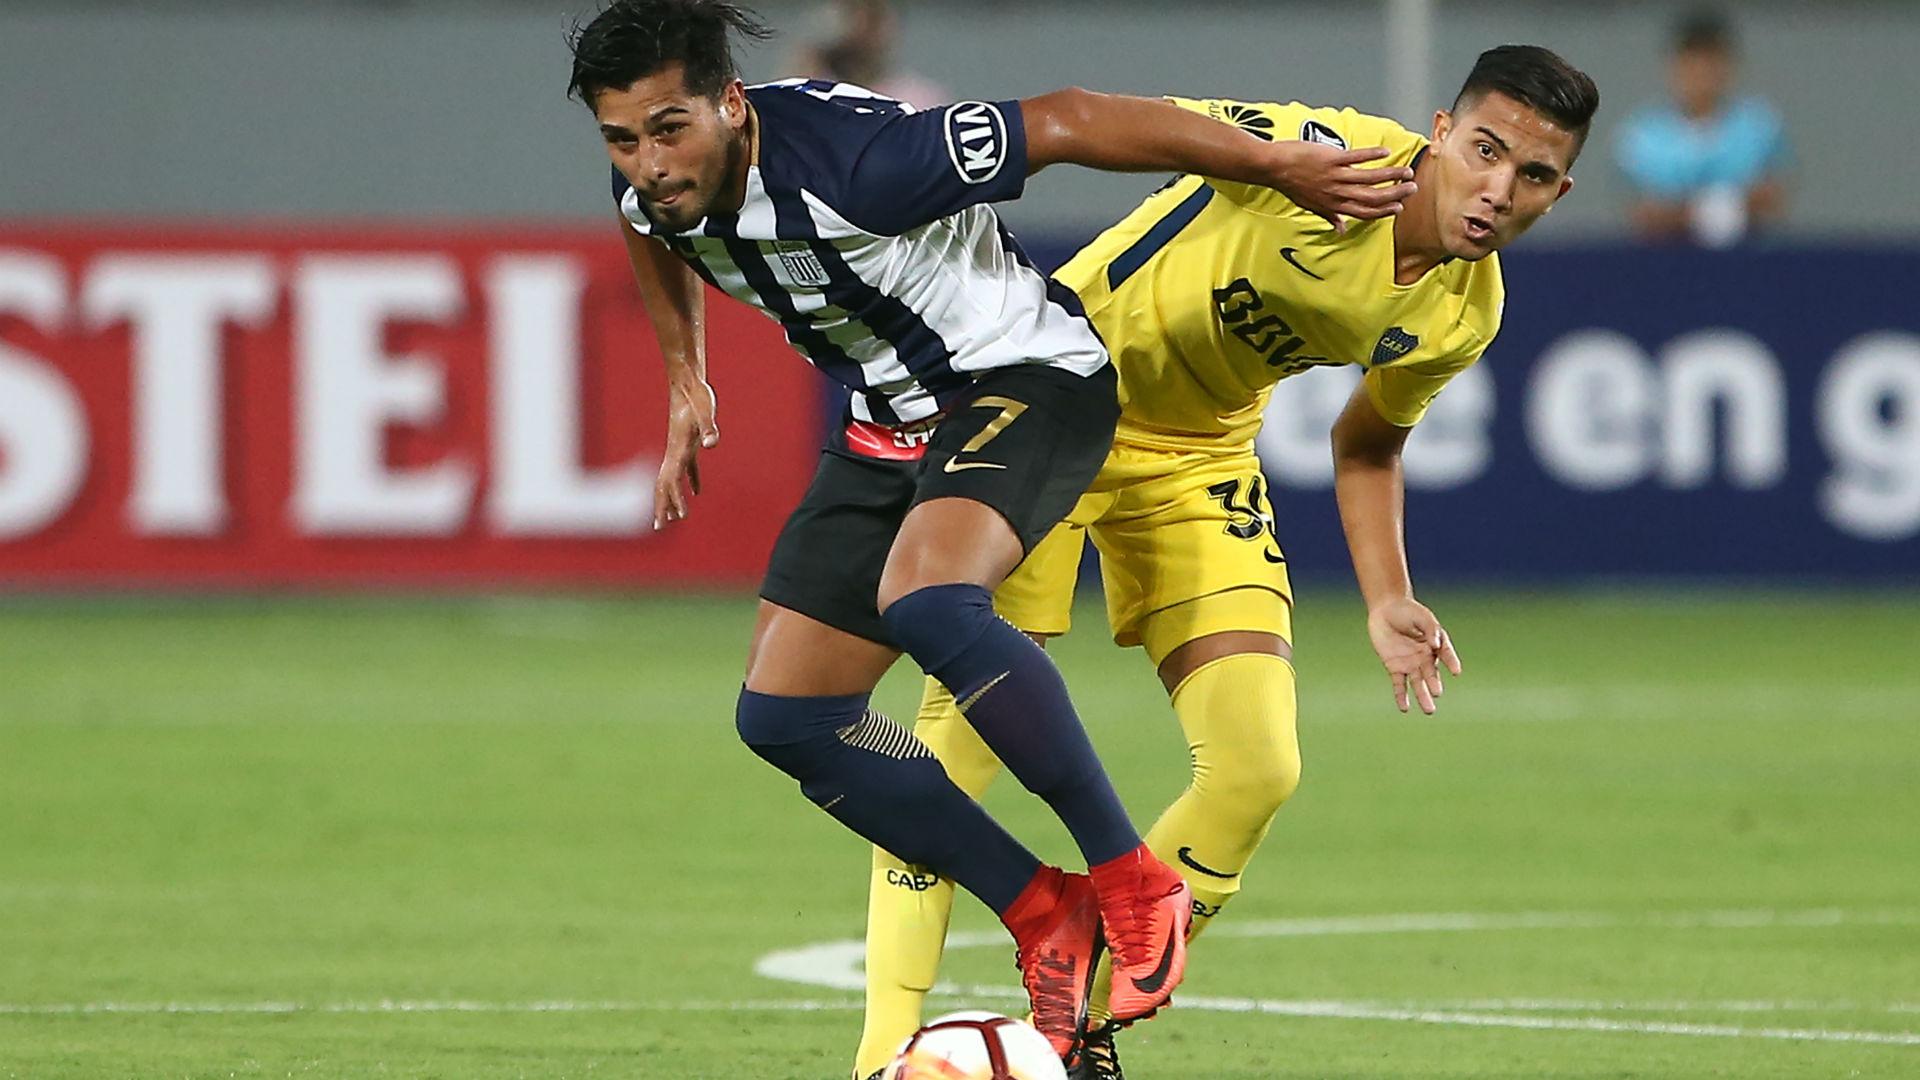 Alberto Rodríguez fue elogiado pese a derrota del Junior — Copa Libertadores